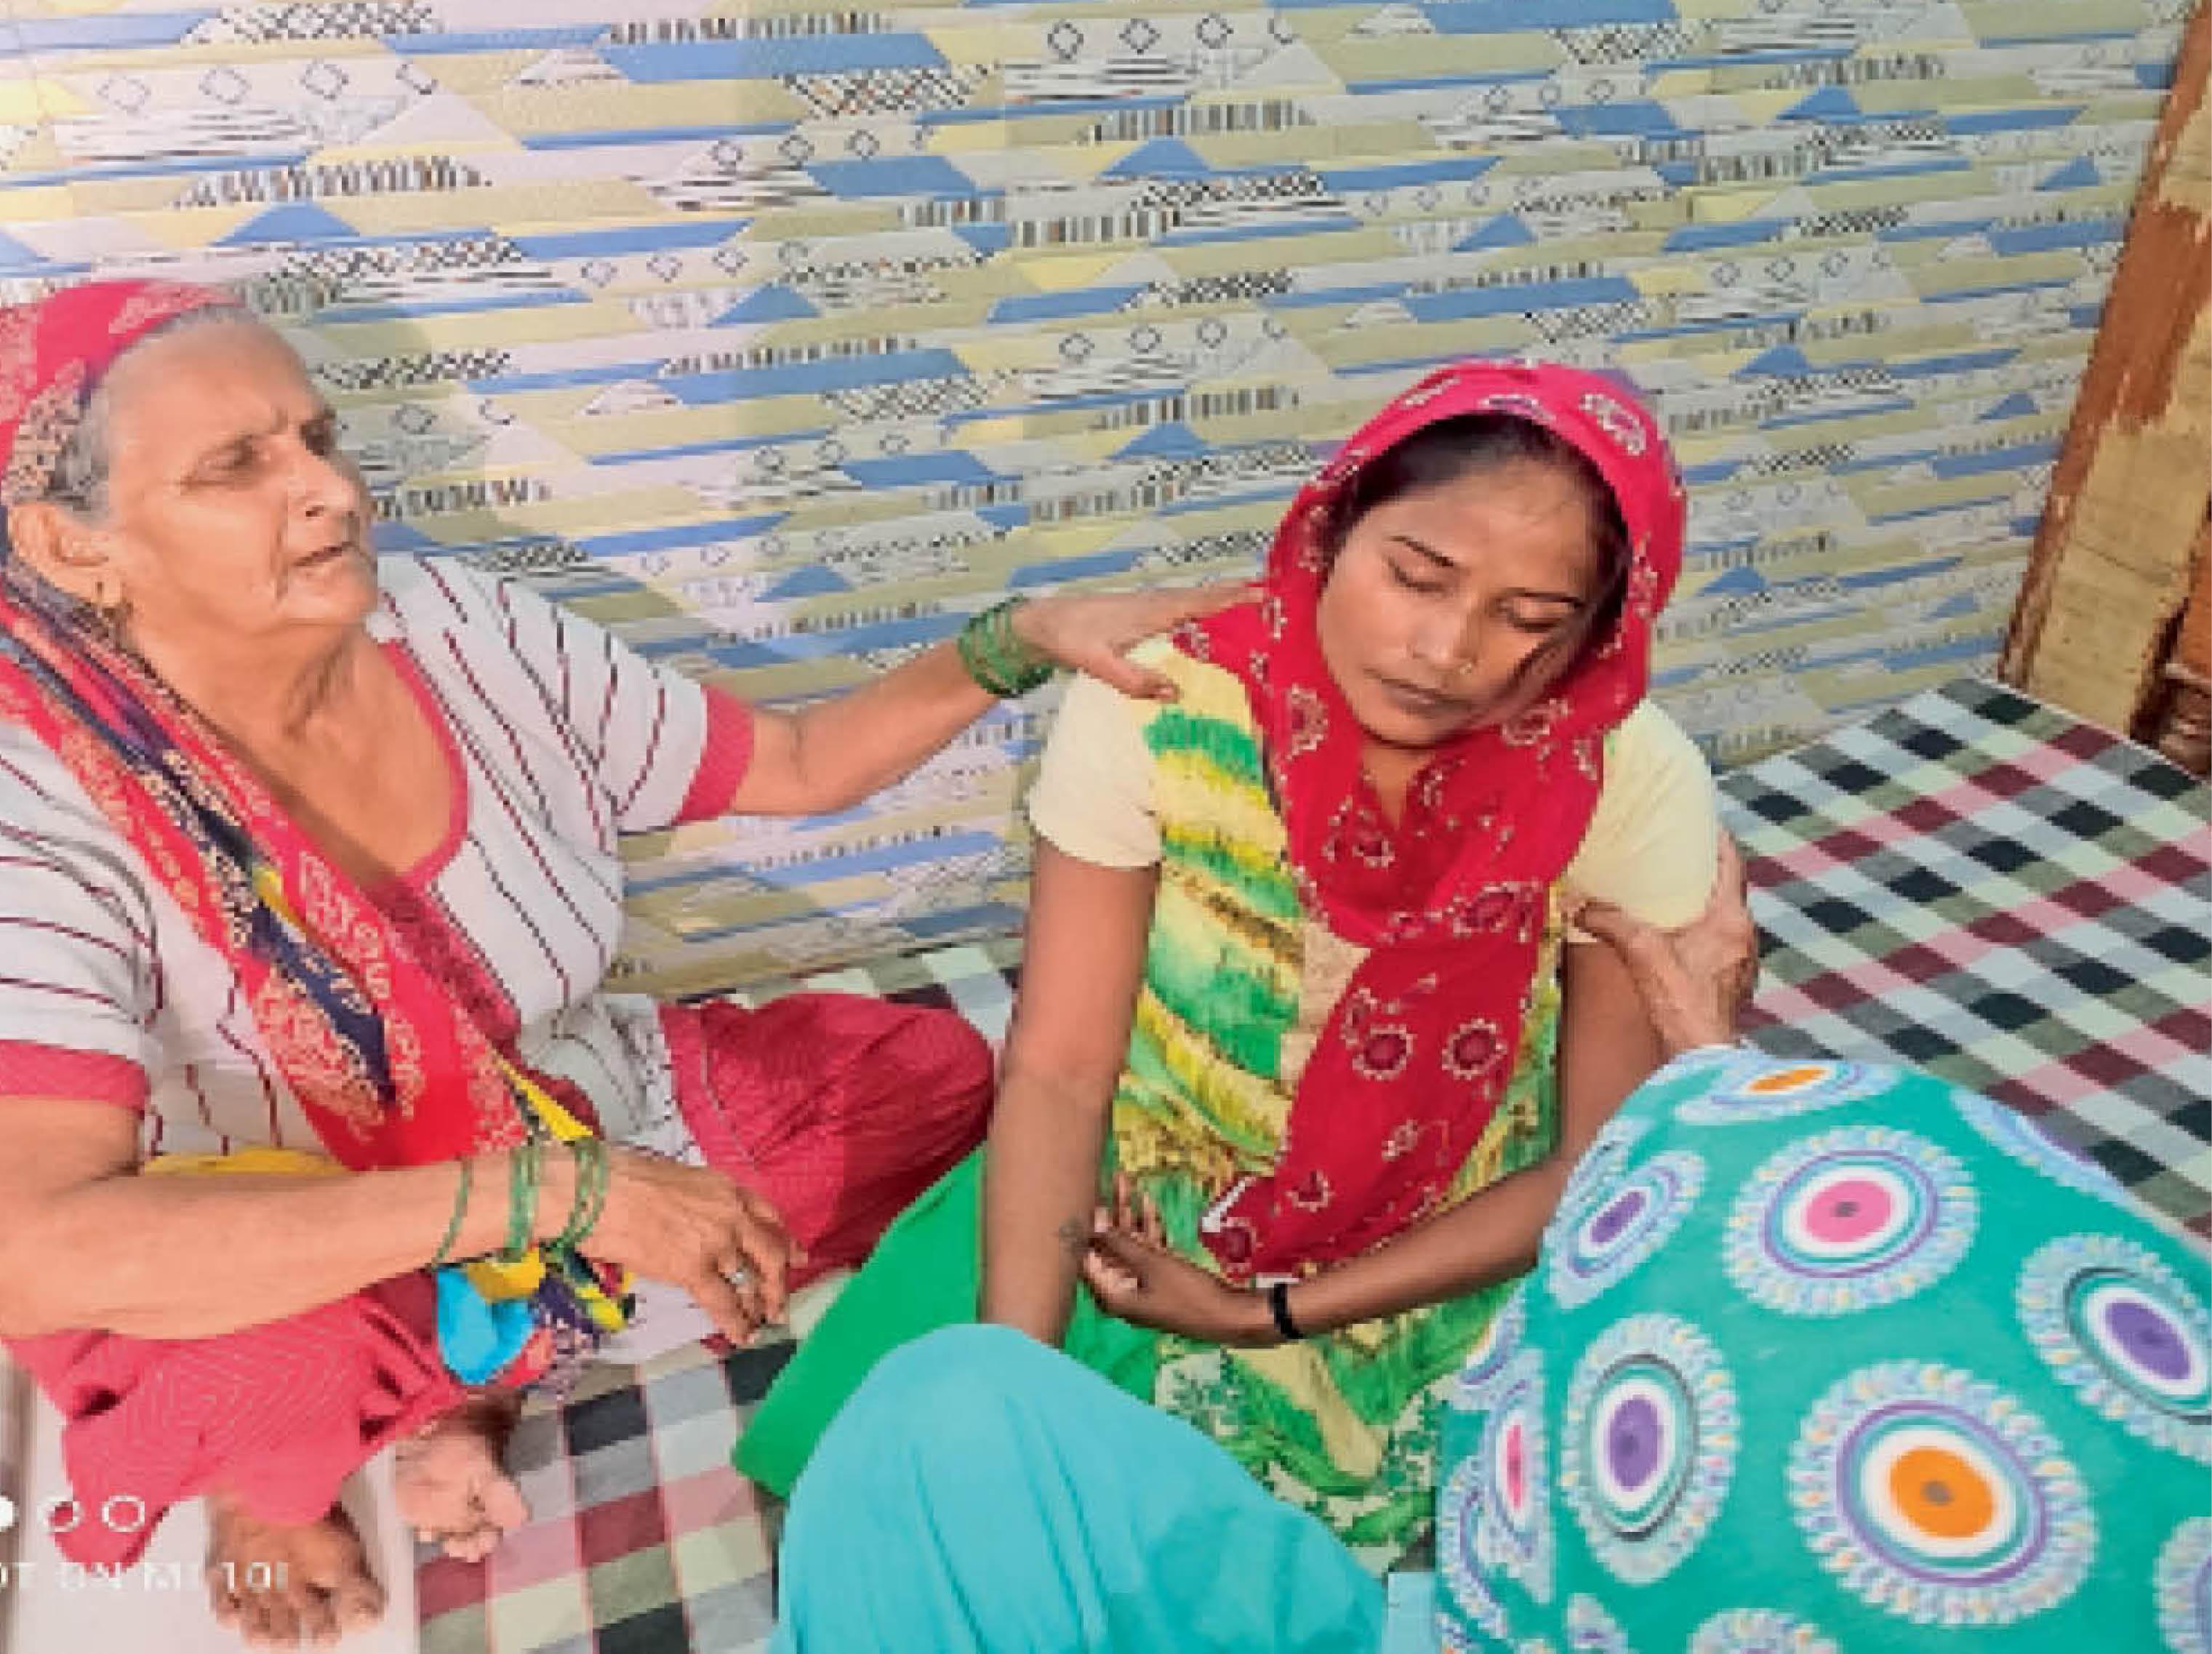 गांव में विलाप करते हुए मृतक मुकेश मुदगिल की मां और पत्नी। - Dainik Bhaskar